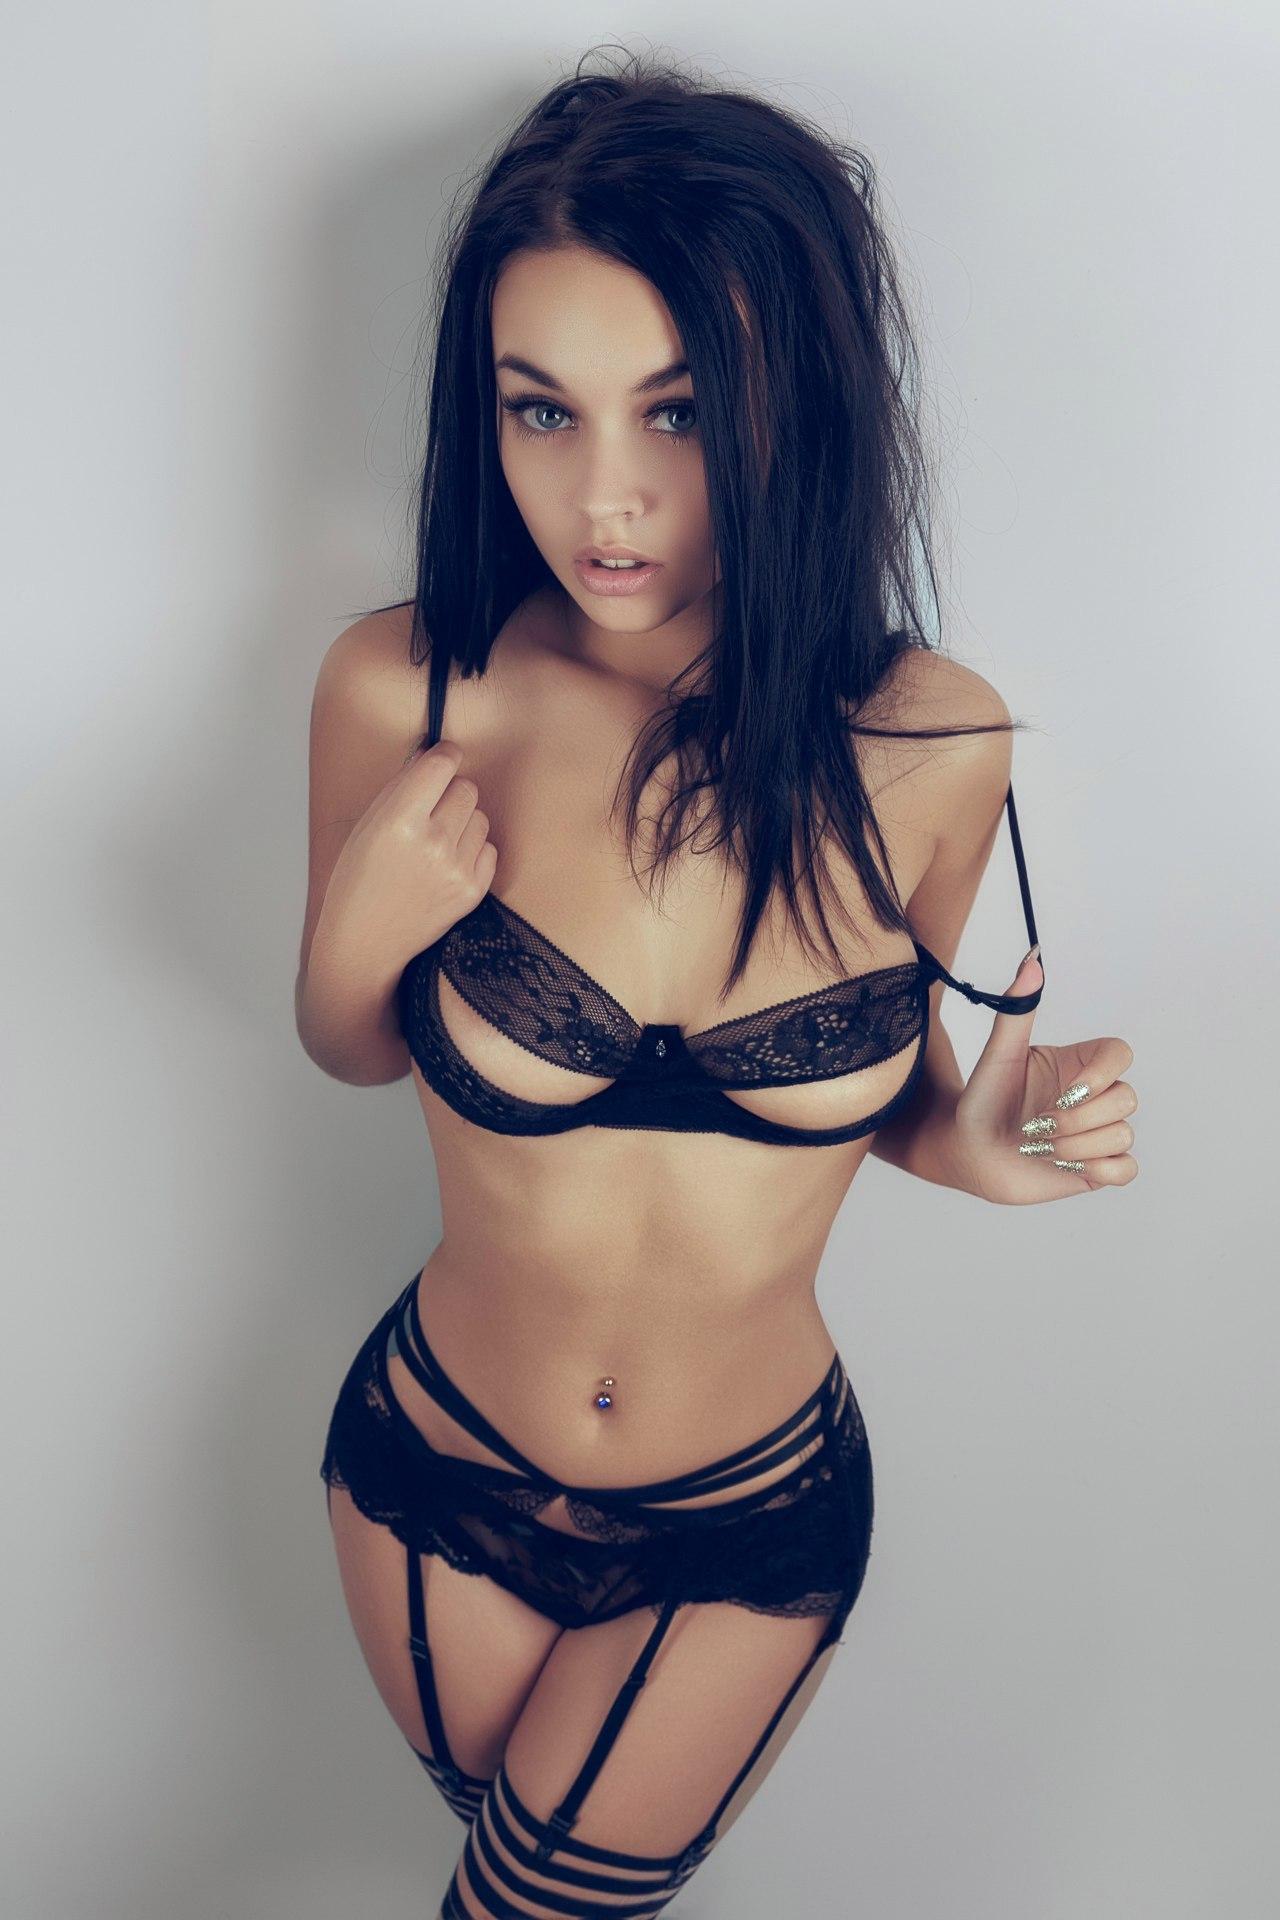 Очень сексуальная девушка грудь